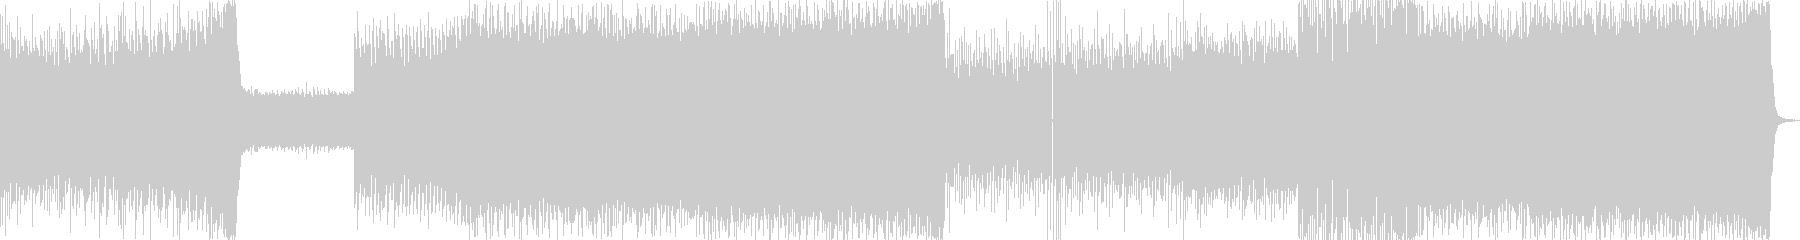 疾走感のあるカッコイイイメージのEDMの未再生の波形